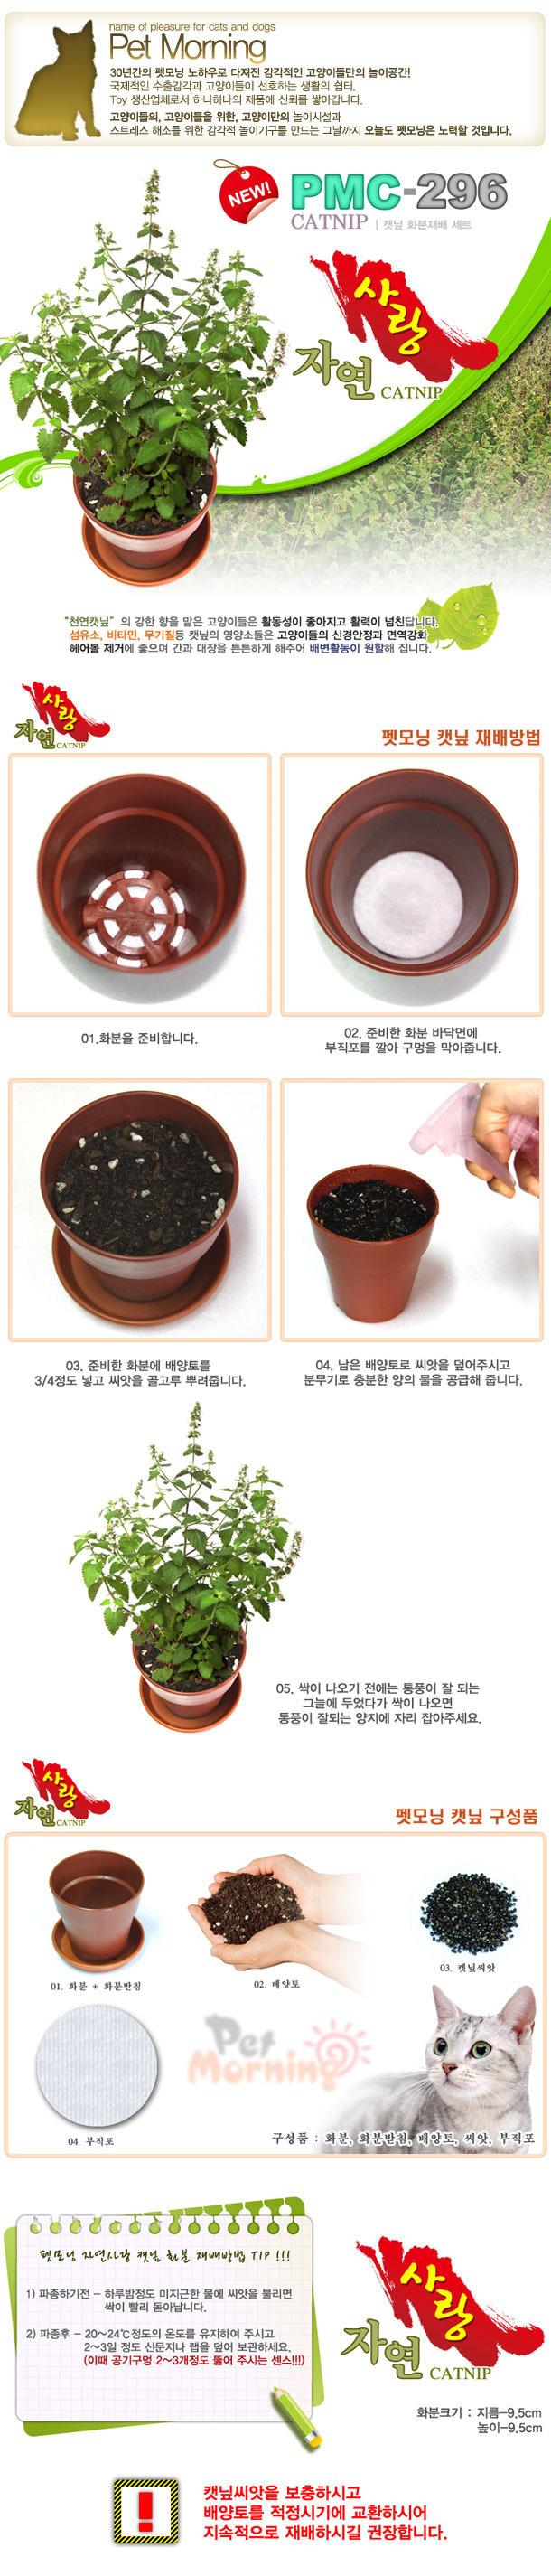 펫모닝 캣닢 화분재배 세트